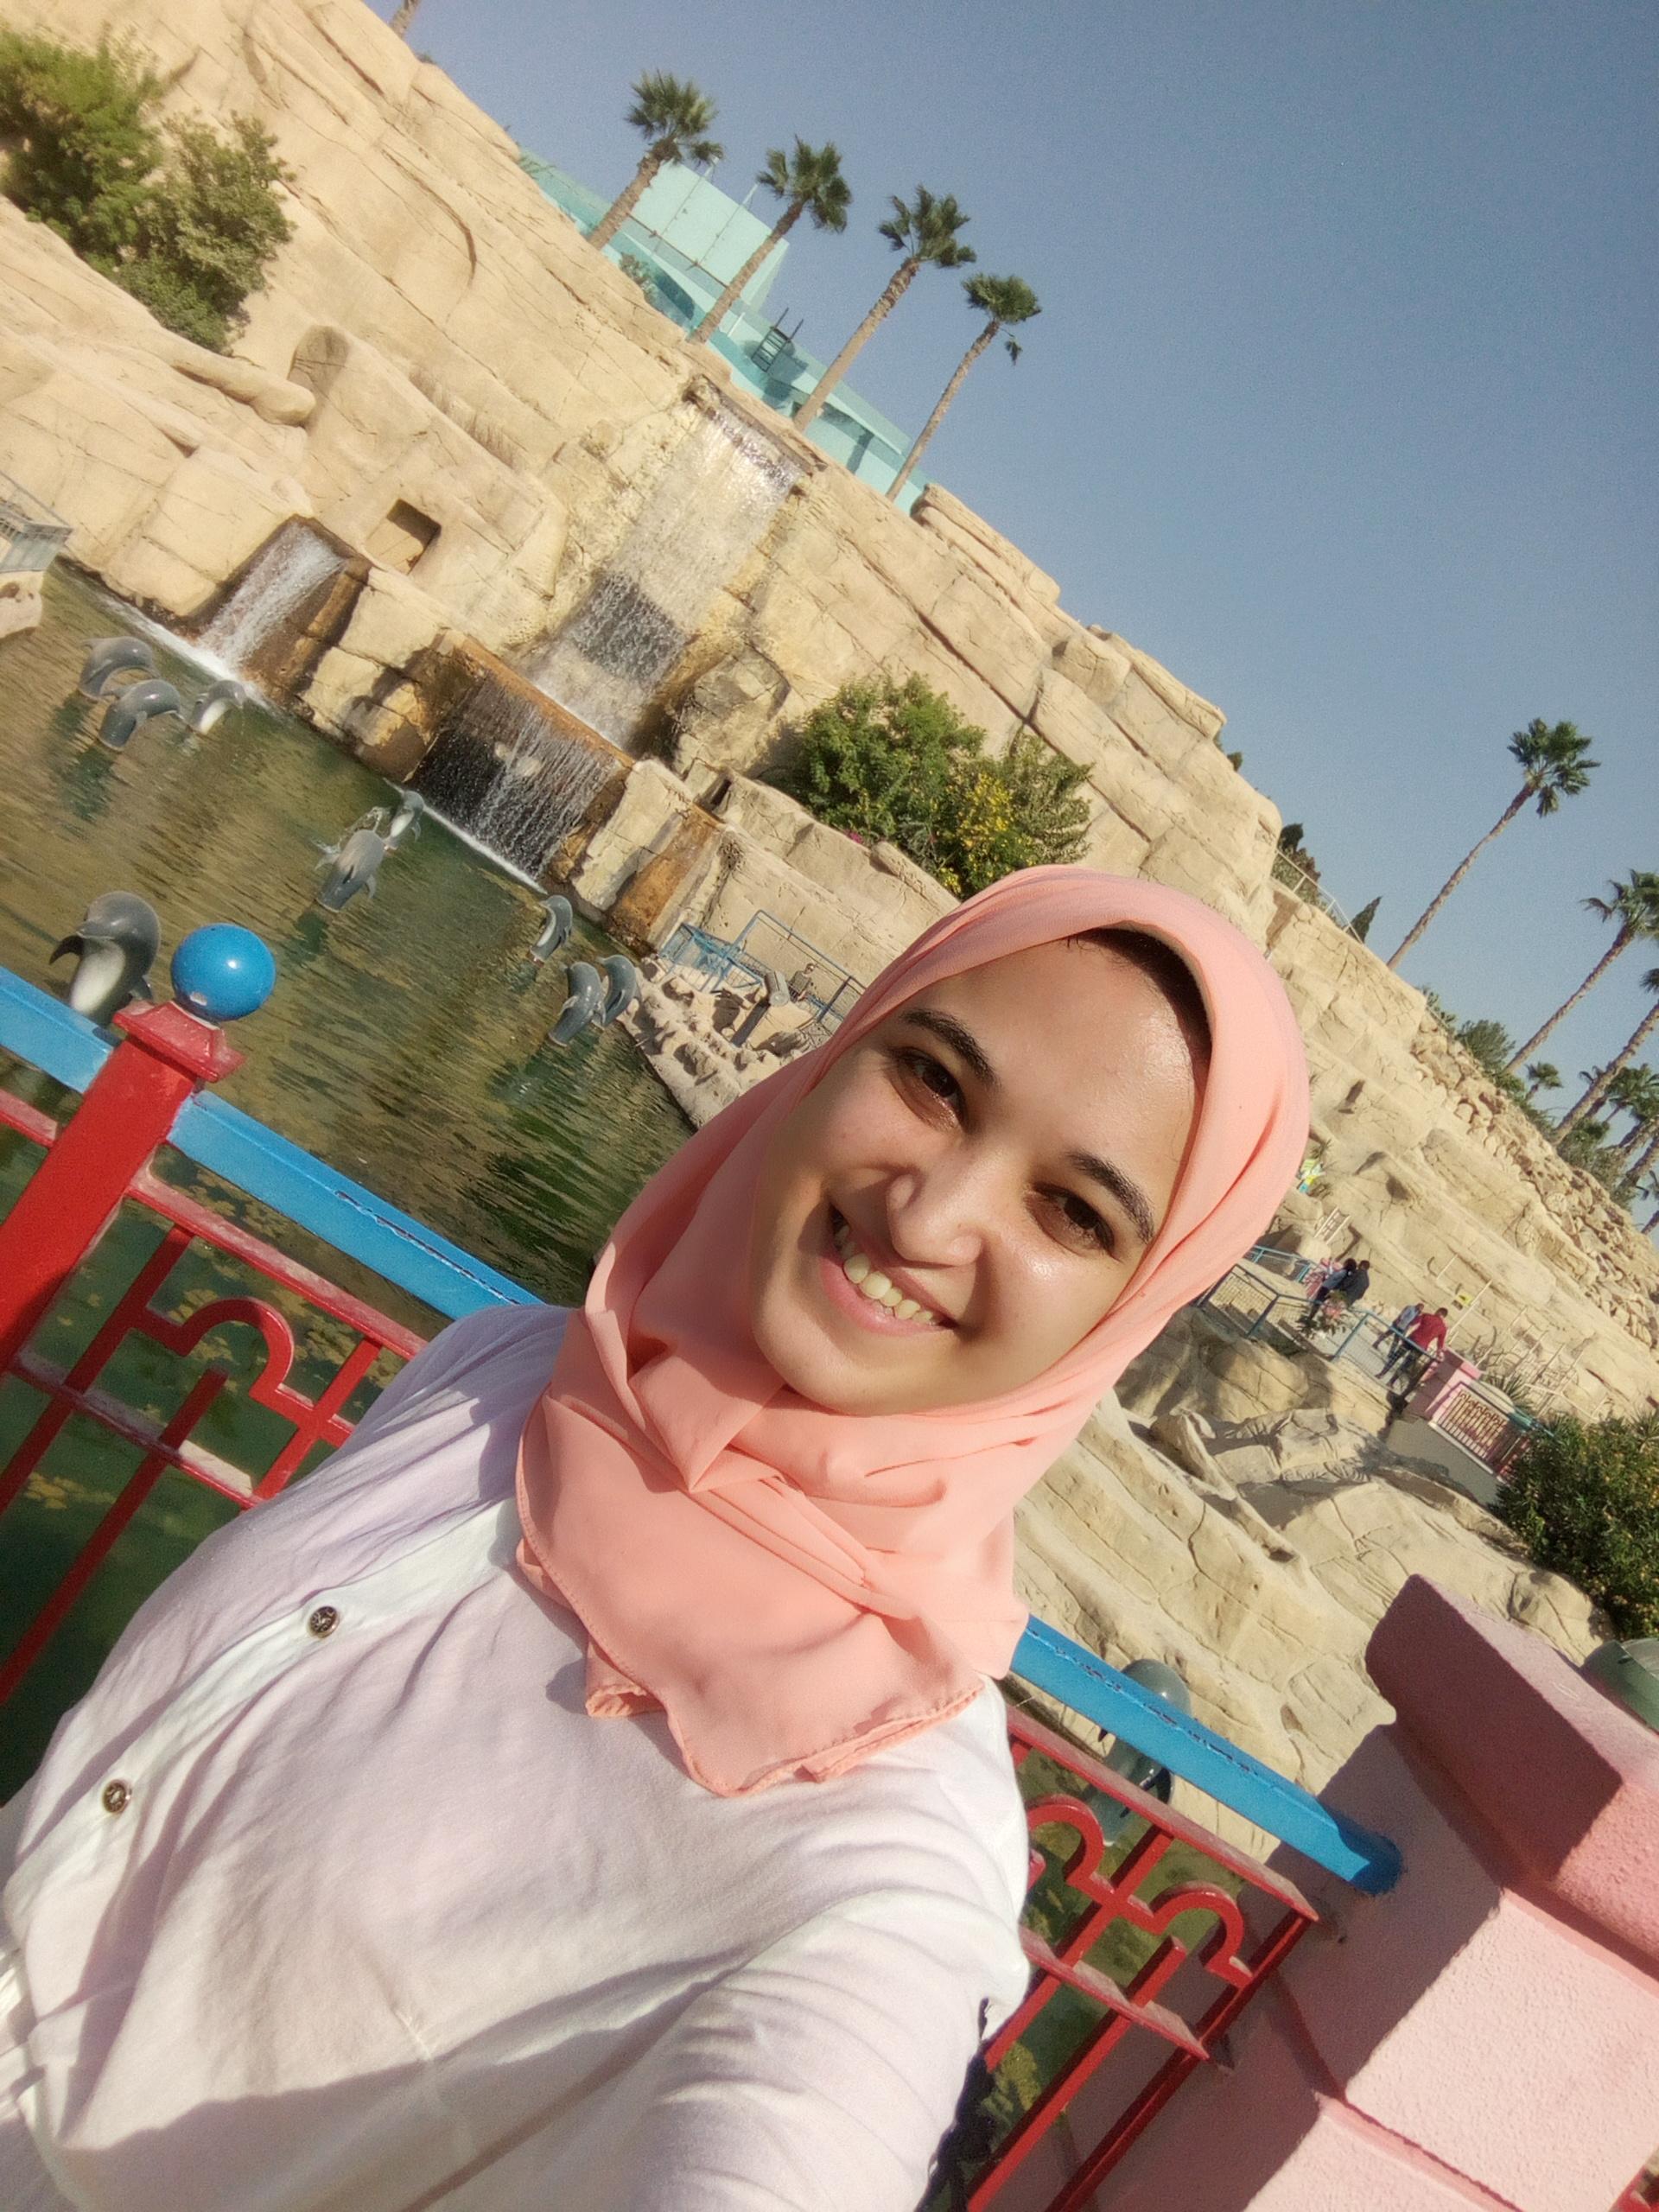 Nada Ahmed Mohamed Arafa